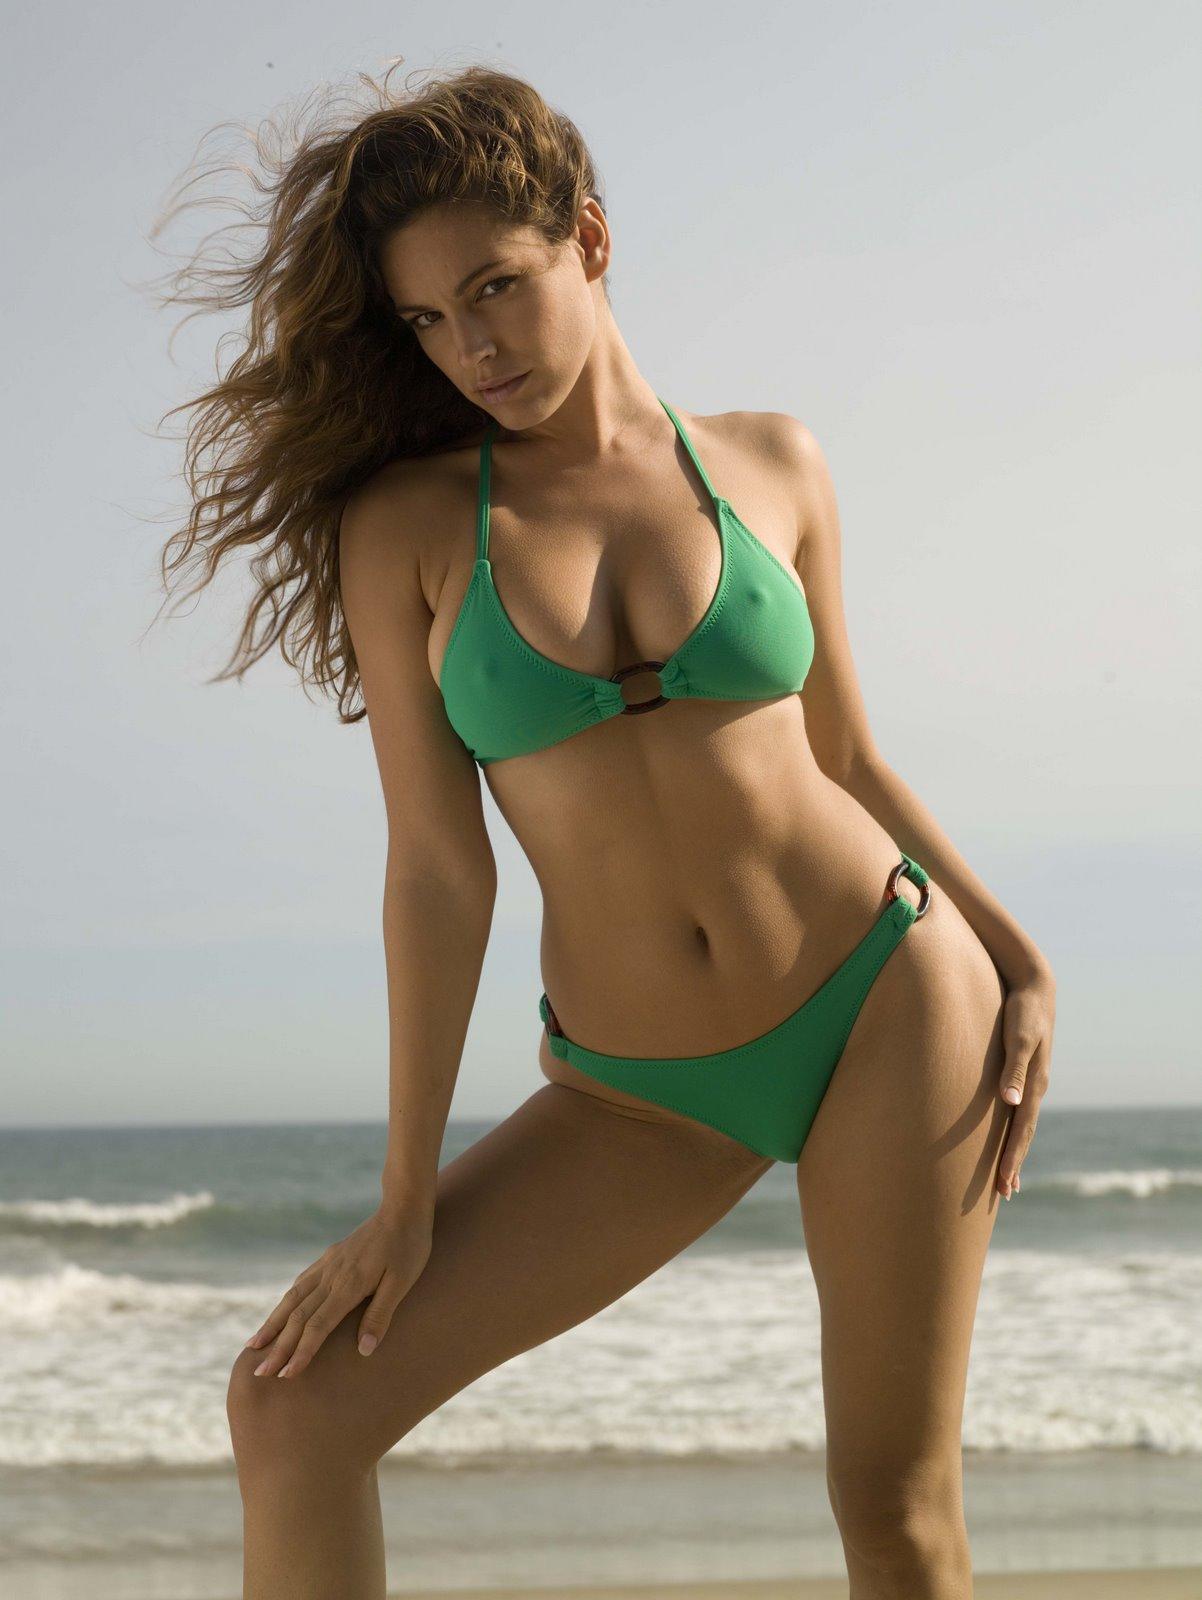 http://1.bp.blogspot.com/-i55gmV-m-f0/ThH7rSnfT1I/AAAAAAAAAPI/cLBPb84nyvY/s1600/kelly-brook-bikini-18.jpg